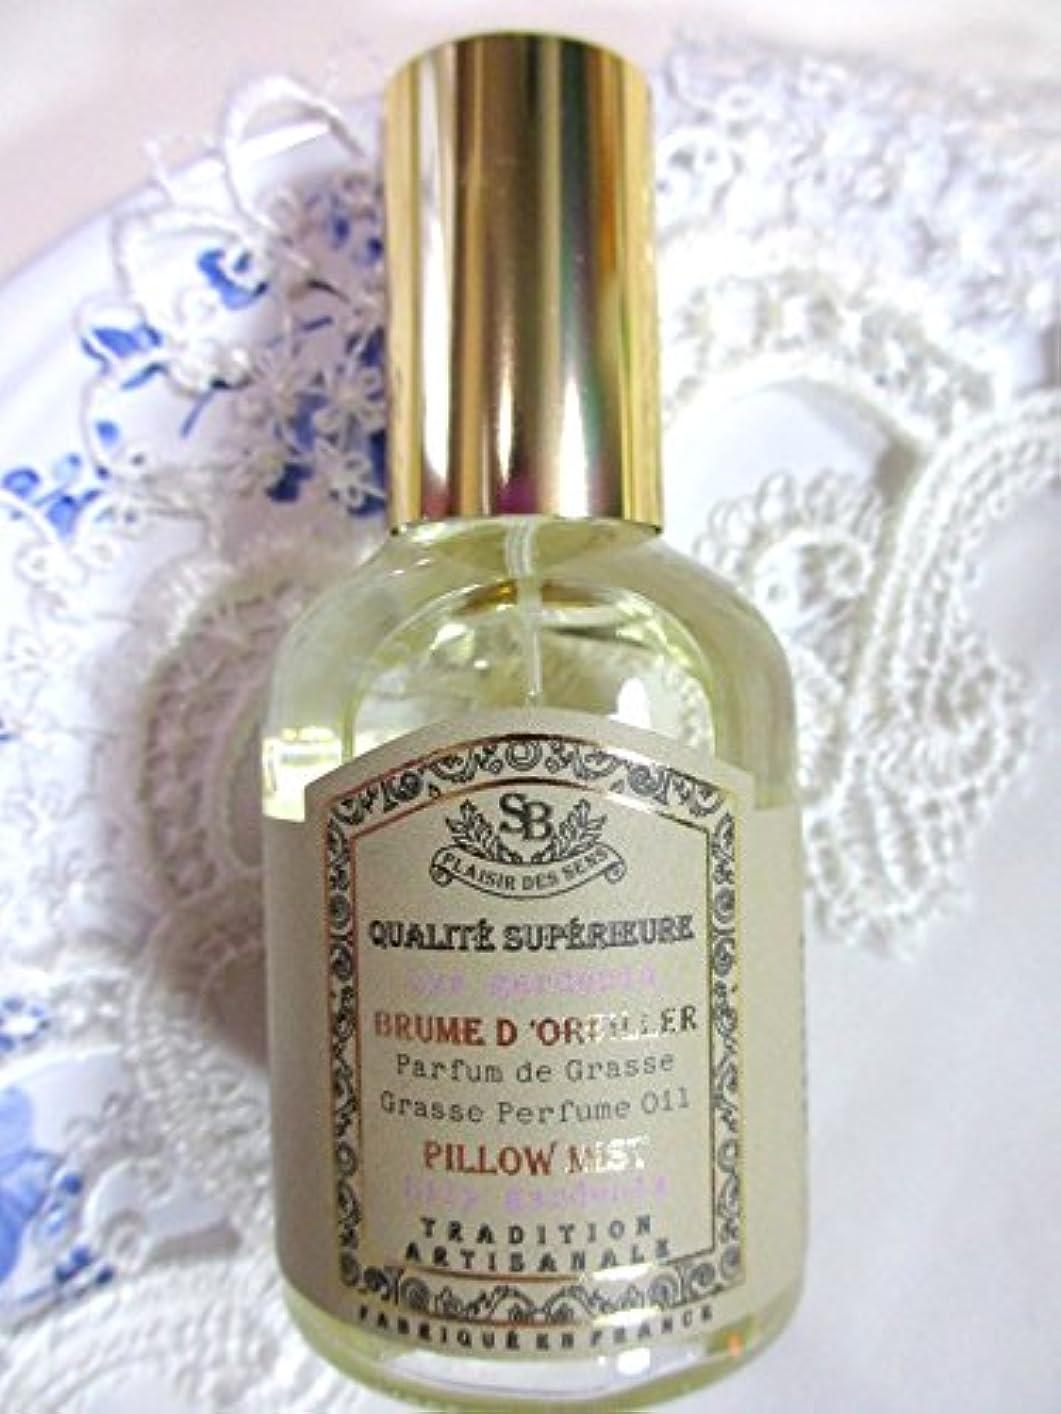 それる階段びんSenteur et Beaute(サンタールエボーテ) French classic(フレンチクラシックシリーズ) ピローミスト 50ml 「リリーガーデニア」 4994228024367